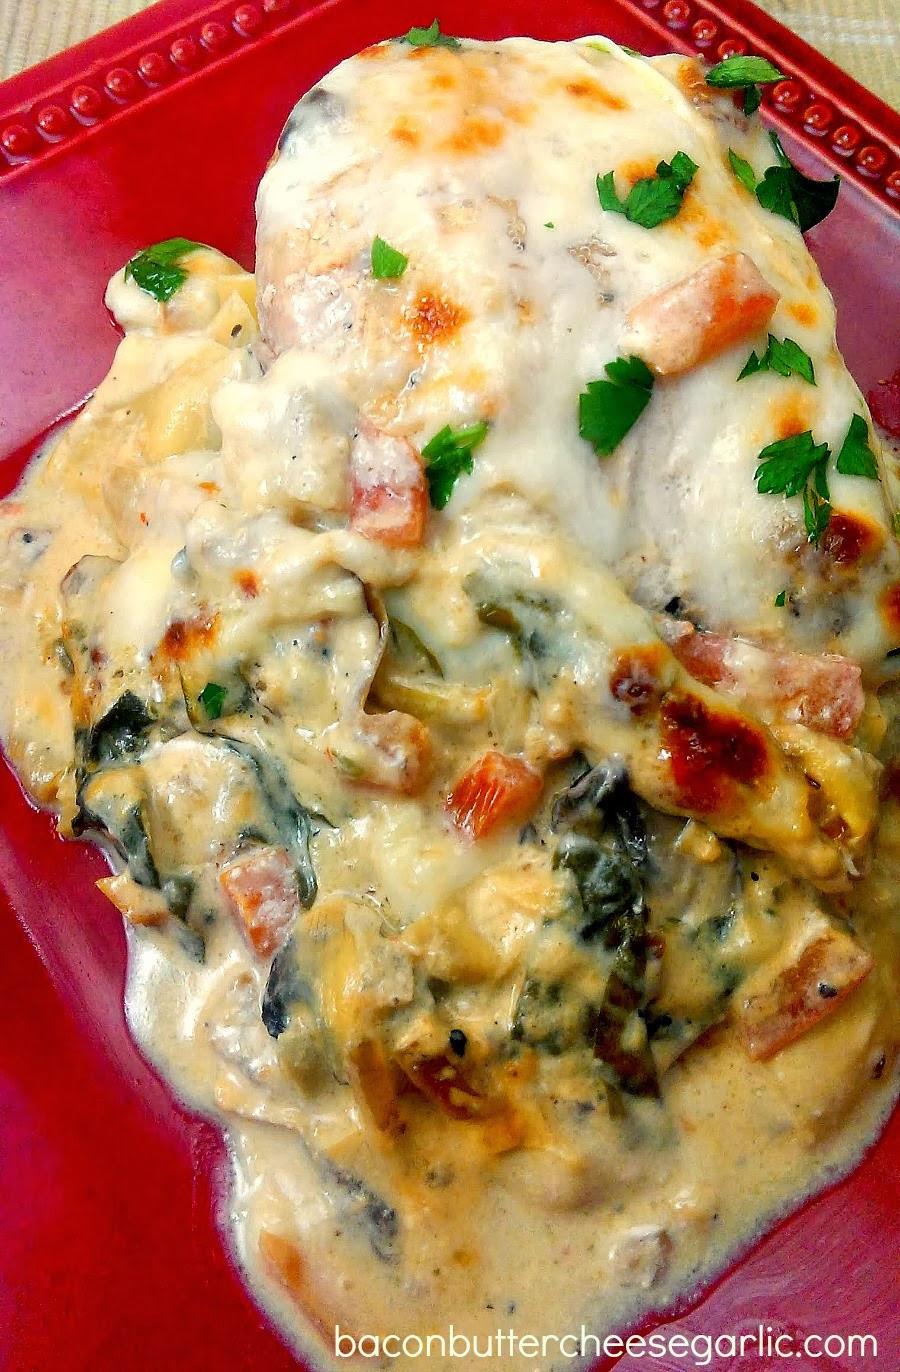 Baked Italian Chicken  Bacon Butter Cheese & Garlic 2013 Top Ten Recipes